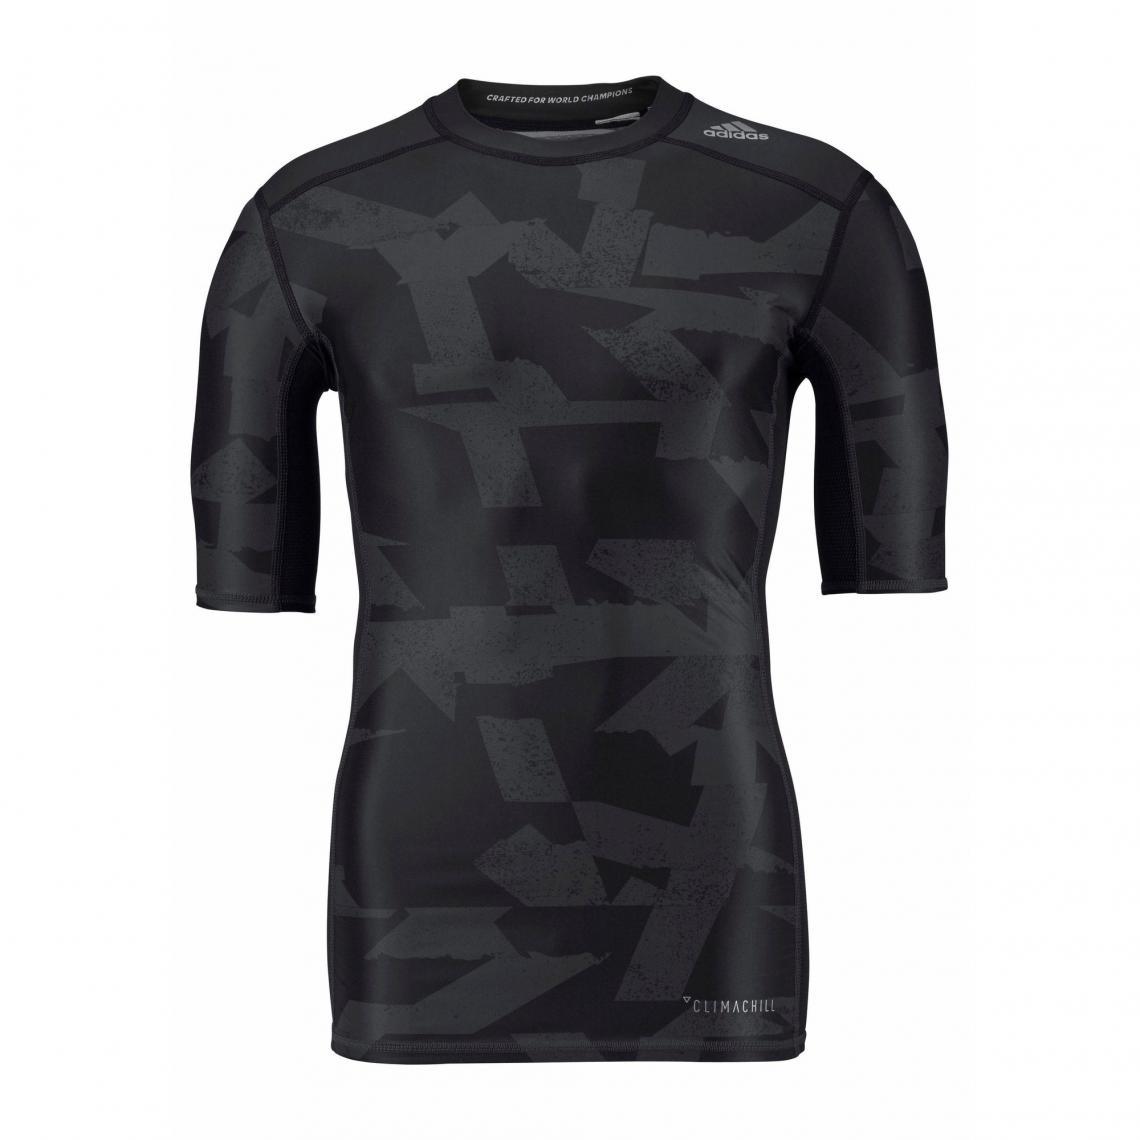 1f7e4799a96 T-shirt manches coudes adidas Performance Techfit Climalite® pour homme -  Noir Adidas Performance